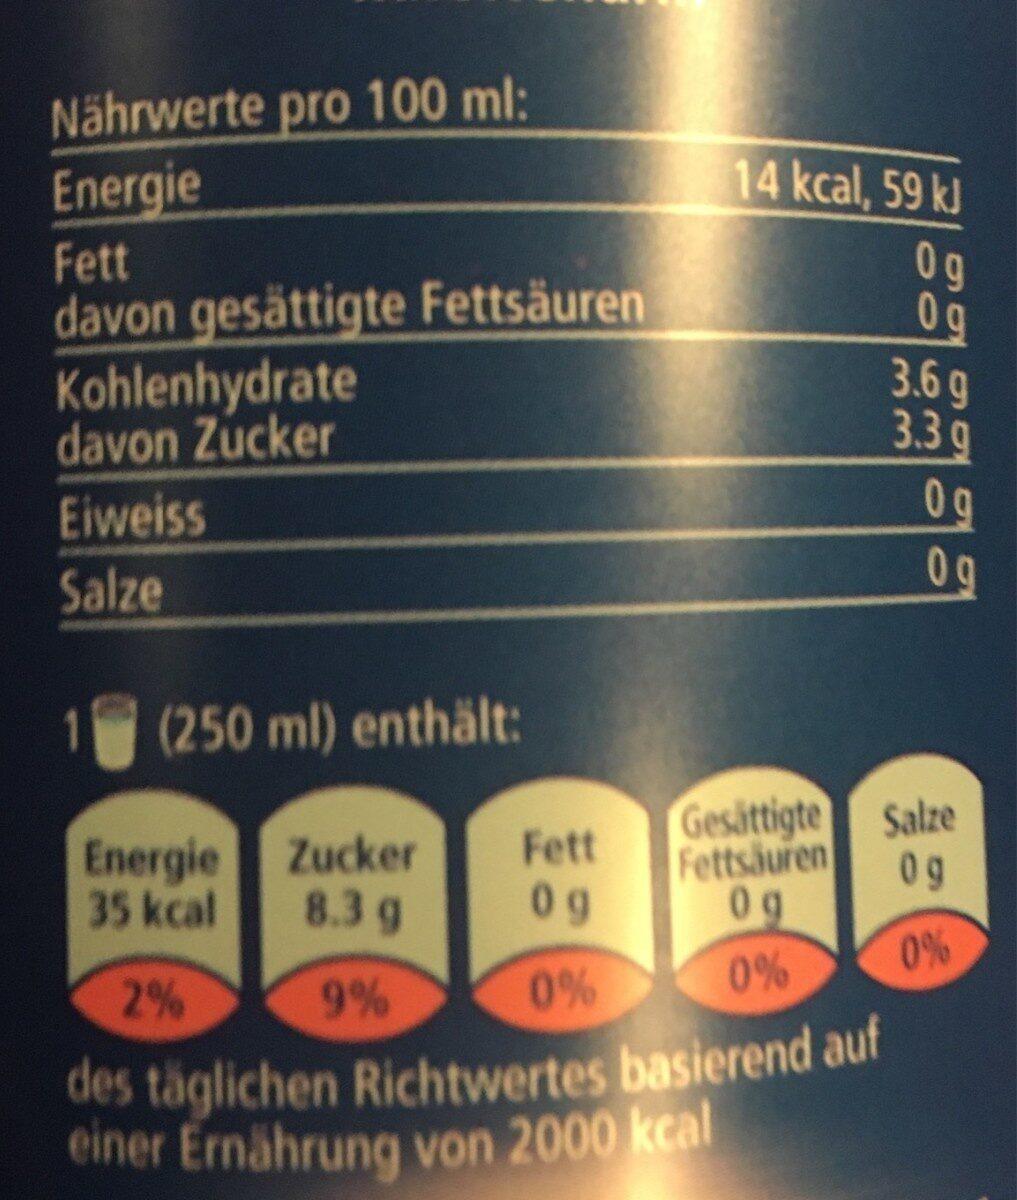 Knutwiler Himbeer-Melisse - Nutrition facts - fr